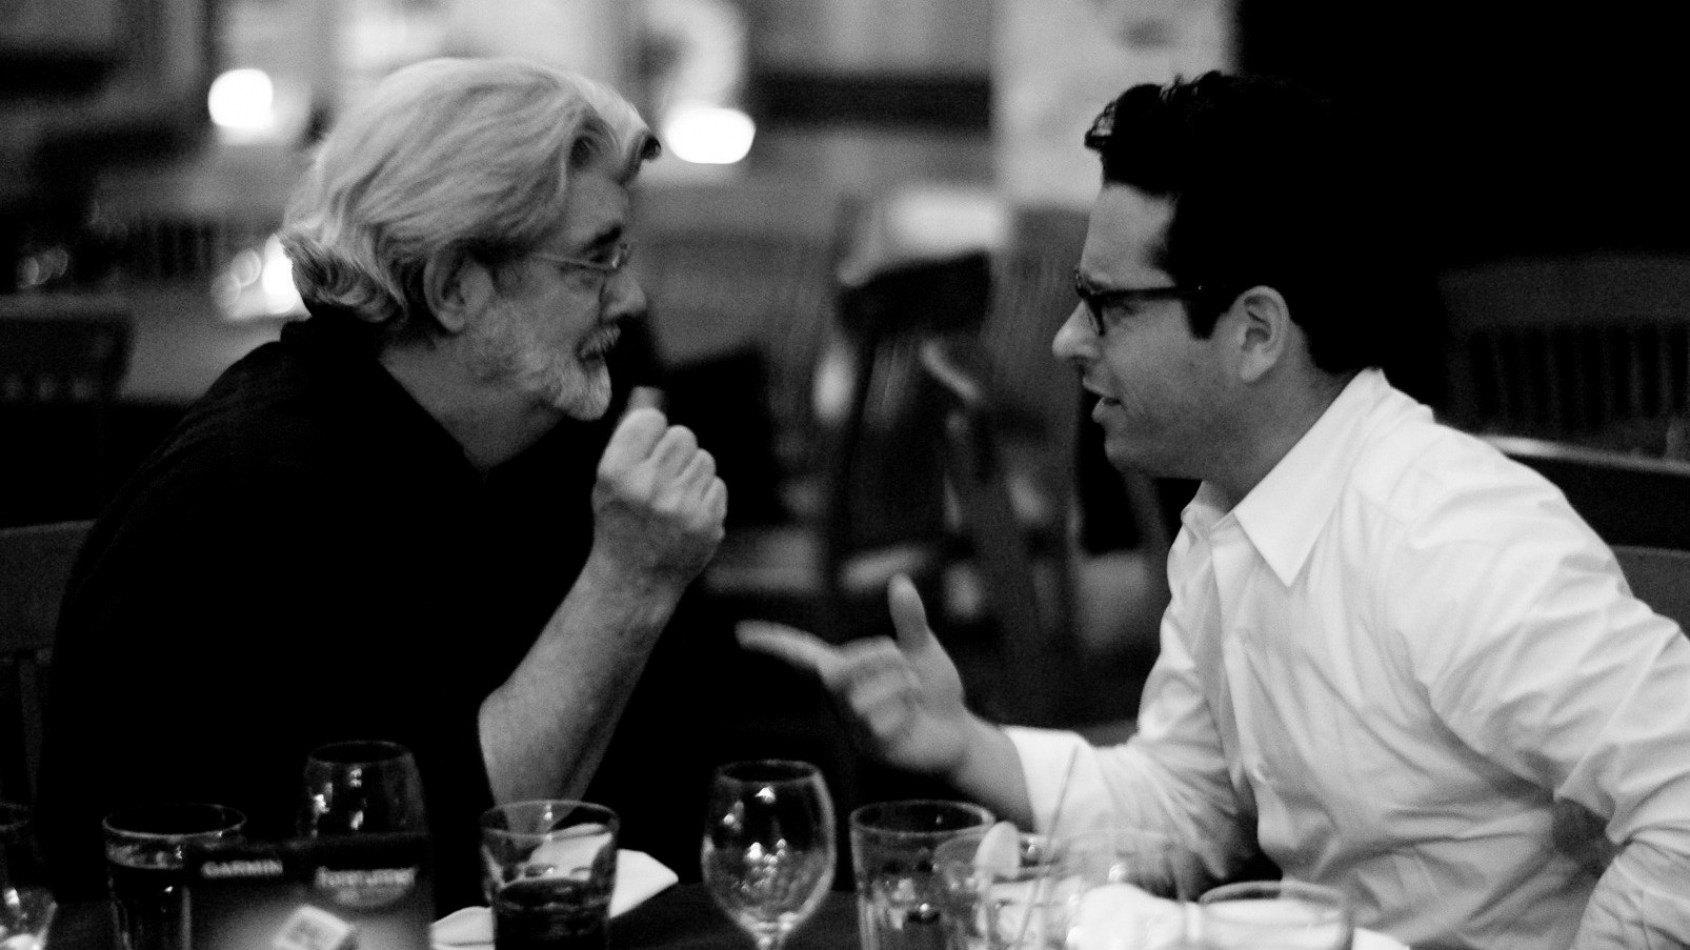 Quand George Lucas questionne J.J. Abrams sur Le Réveil de la Force